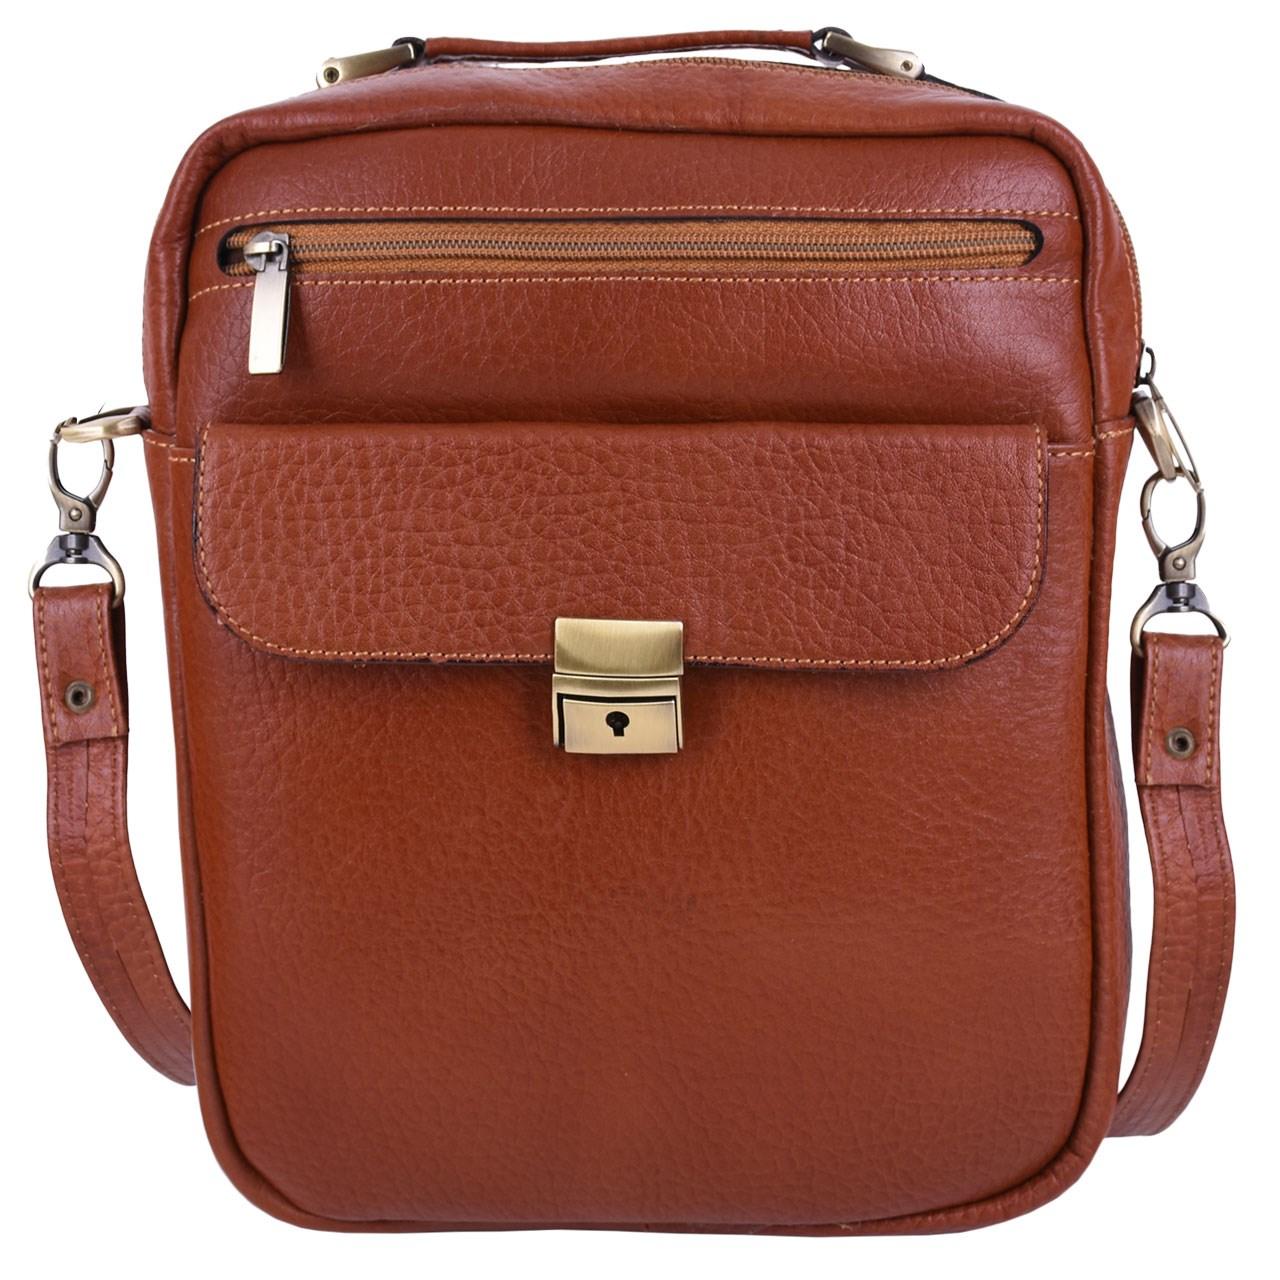 قیمت کیف چرم طبیعی پایاچرم طرح اسپرت کلیدی مدل 429